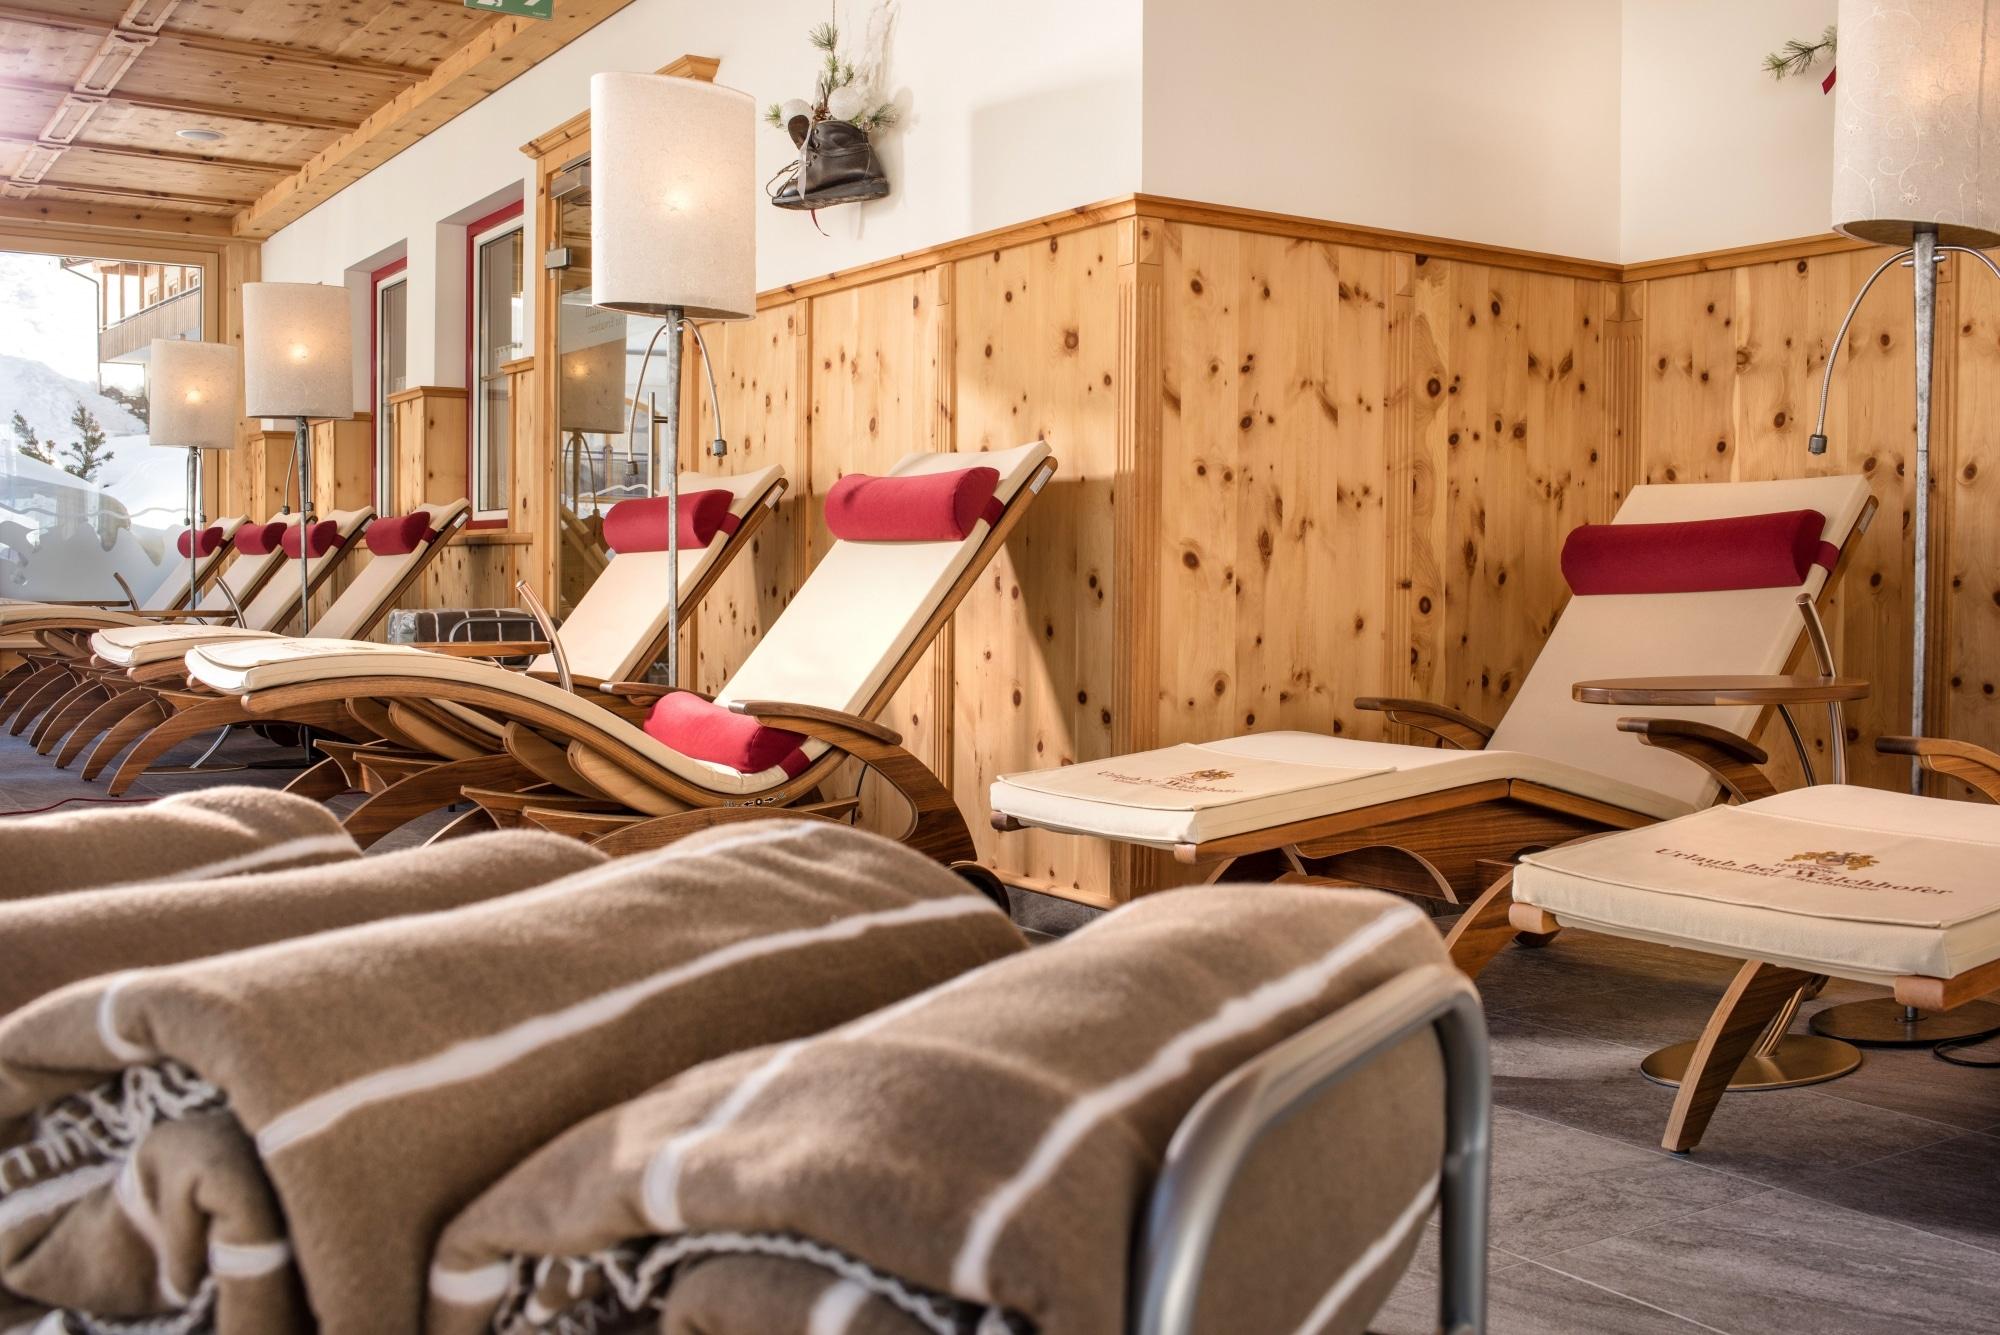 Gemütliche Liegen im Ruheraum im Hotel Zauchenseehof